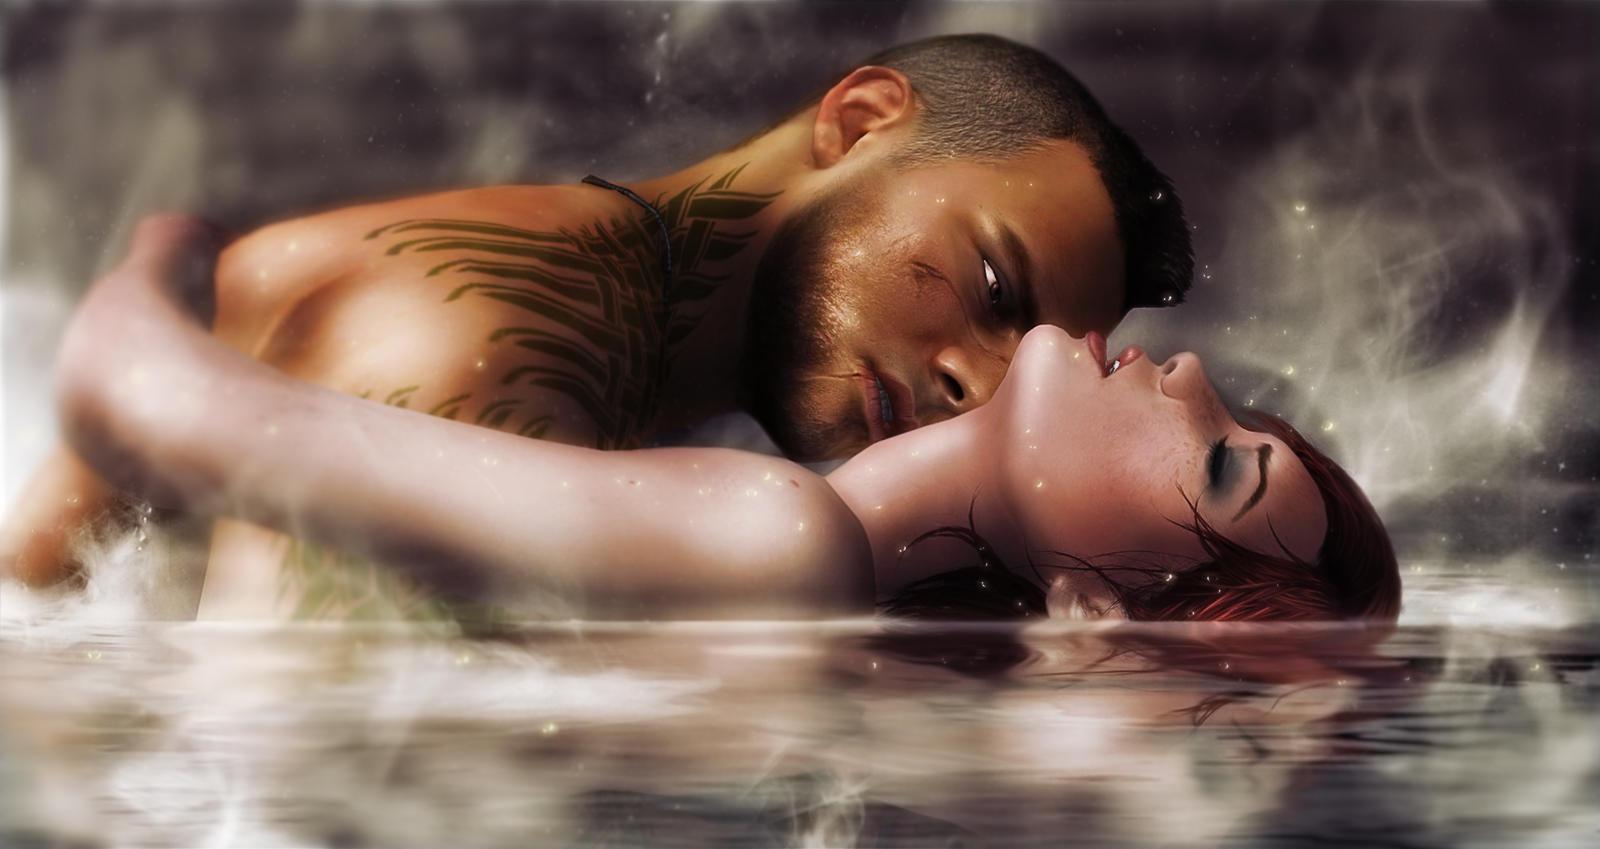 Джейн и Вега. Флирт ) - Mass Effect 3